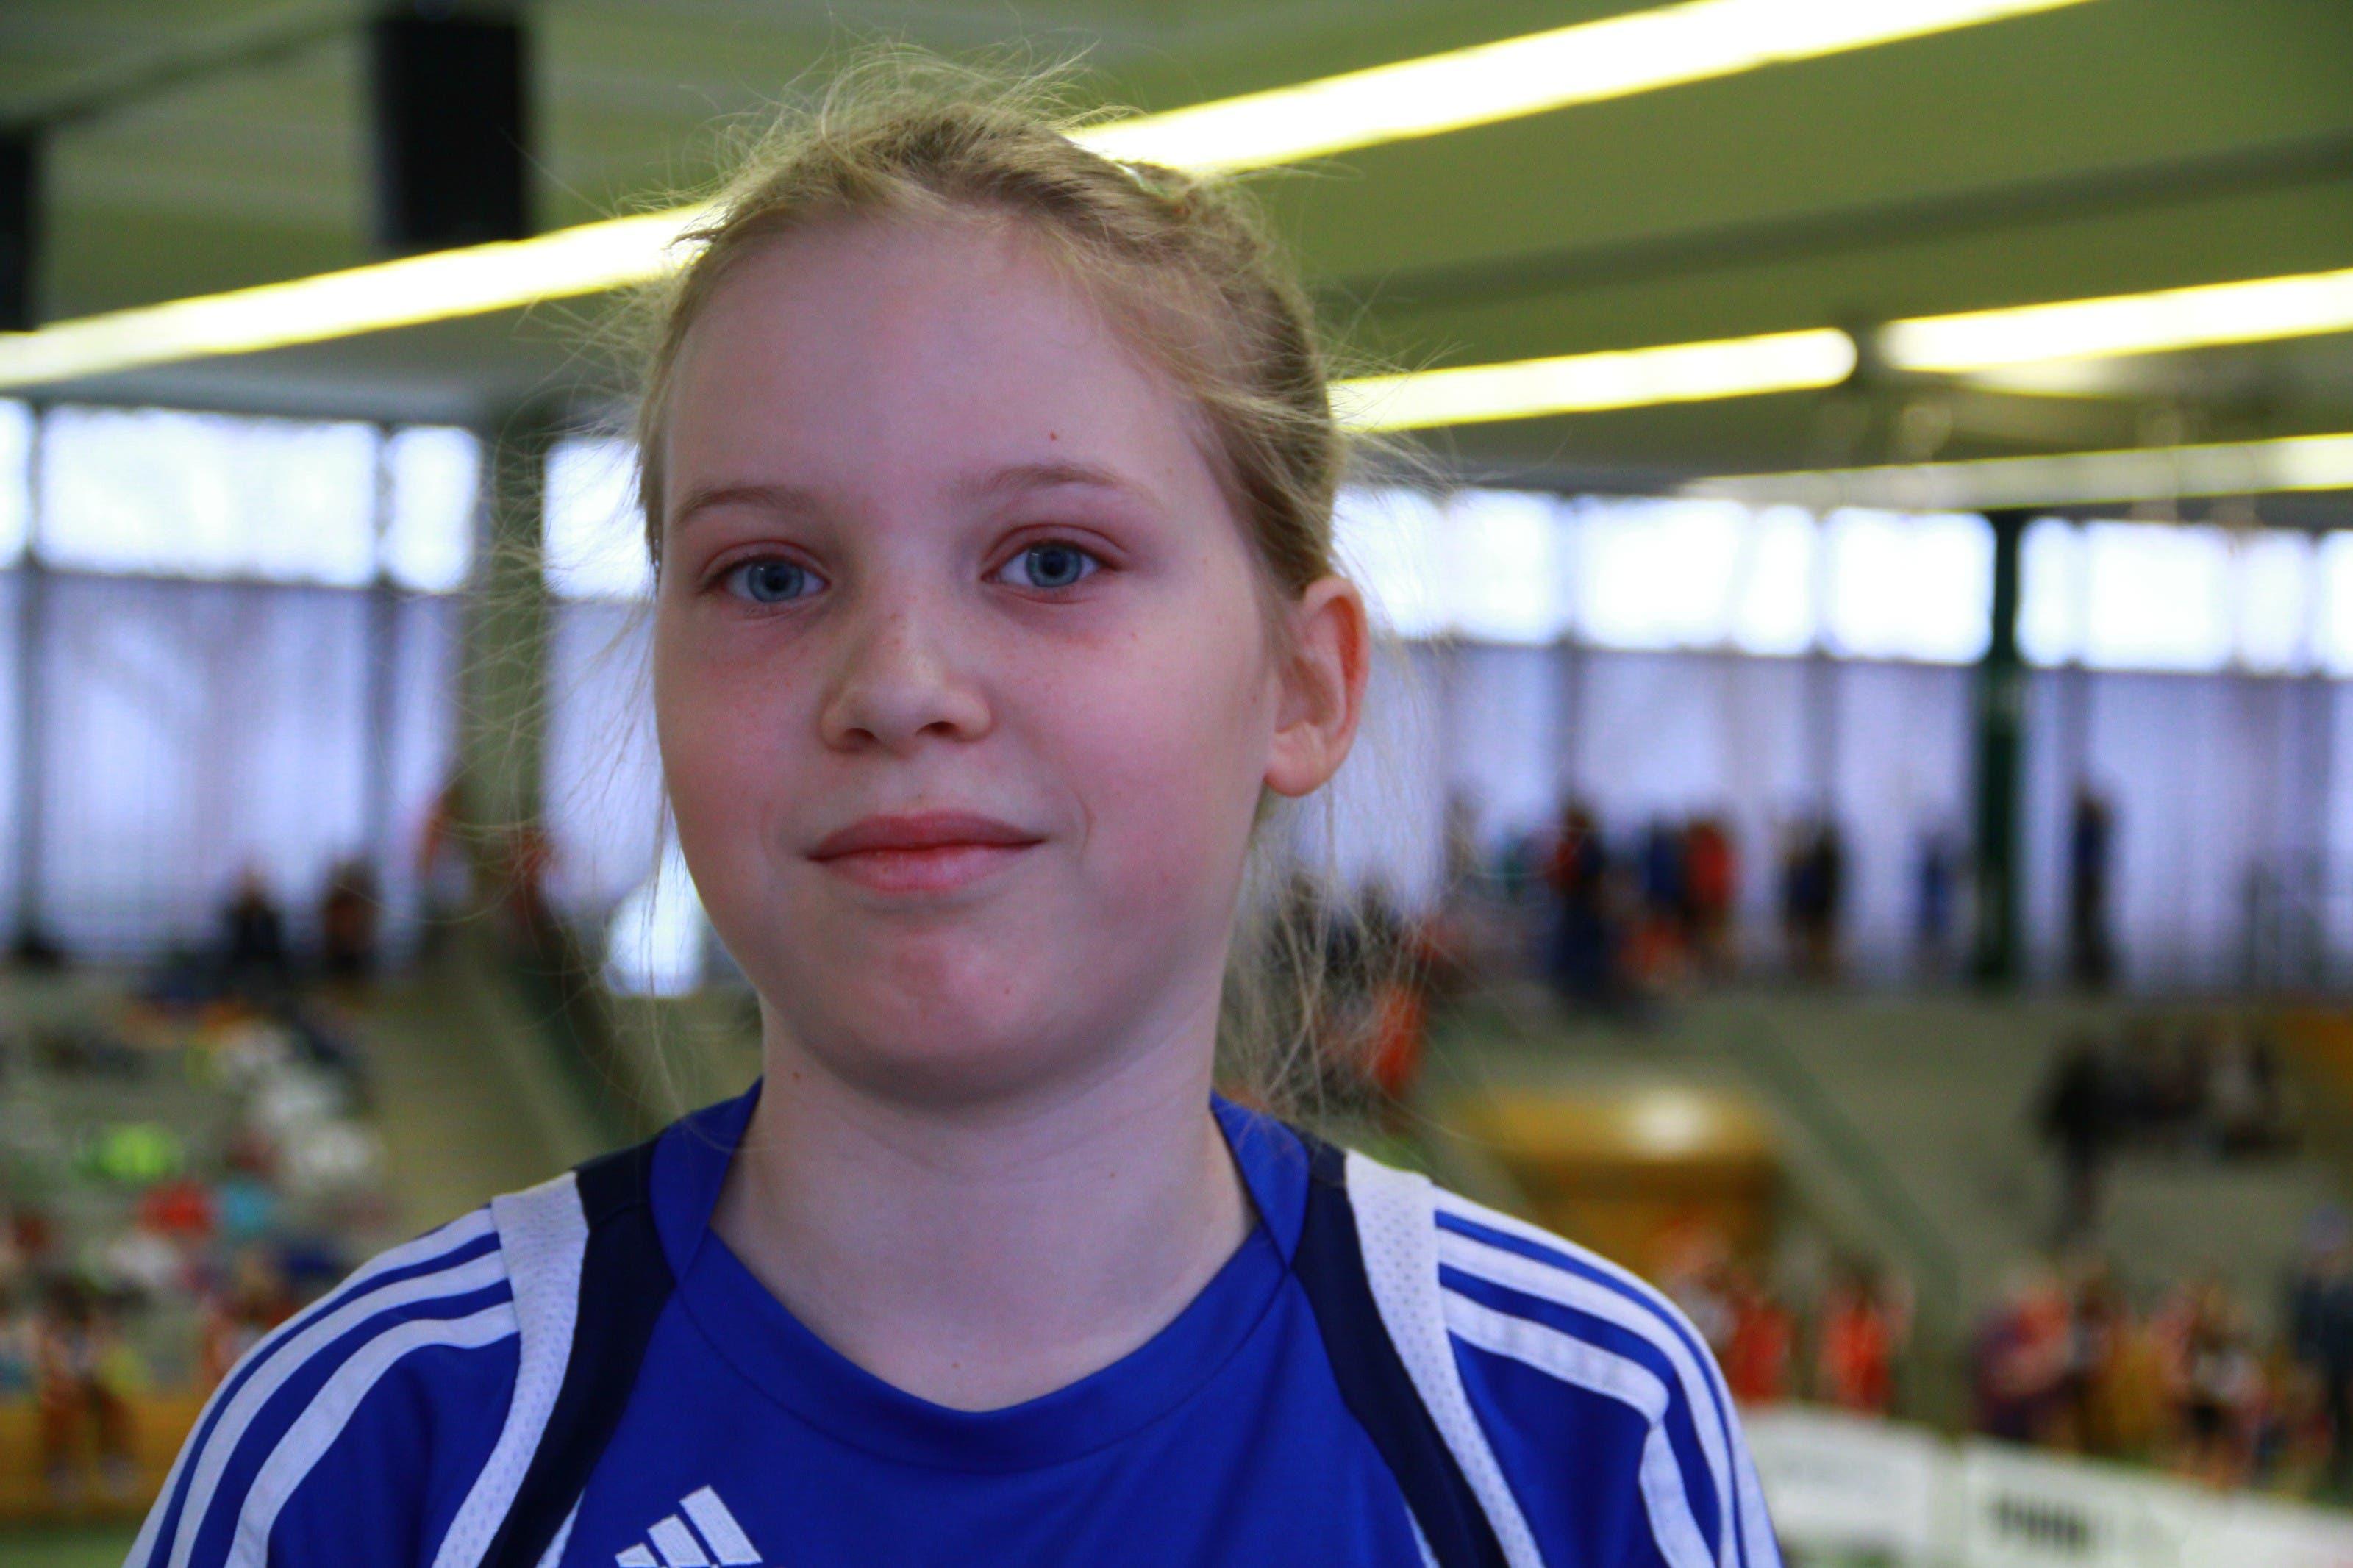 Hannah Häner (10) Fehren «Ich mag den Biathlon besonders. Der ist abwechslungsreich, da er viele Disziplinen vereint. Wir sind als Mädchenteam angereist. Einmal die Woche trainieren wir beim LZ Thierstein. Nicht so begabt bin ich im Weitsprung – nächstes Jahr bin ich sicher besser.»